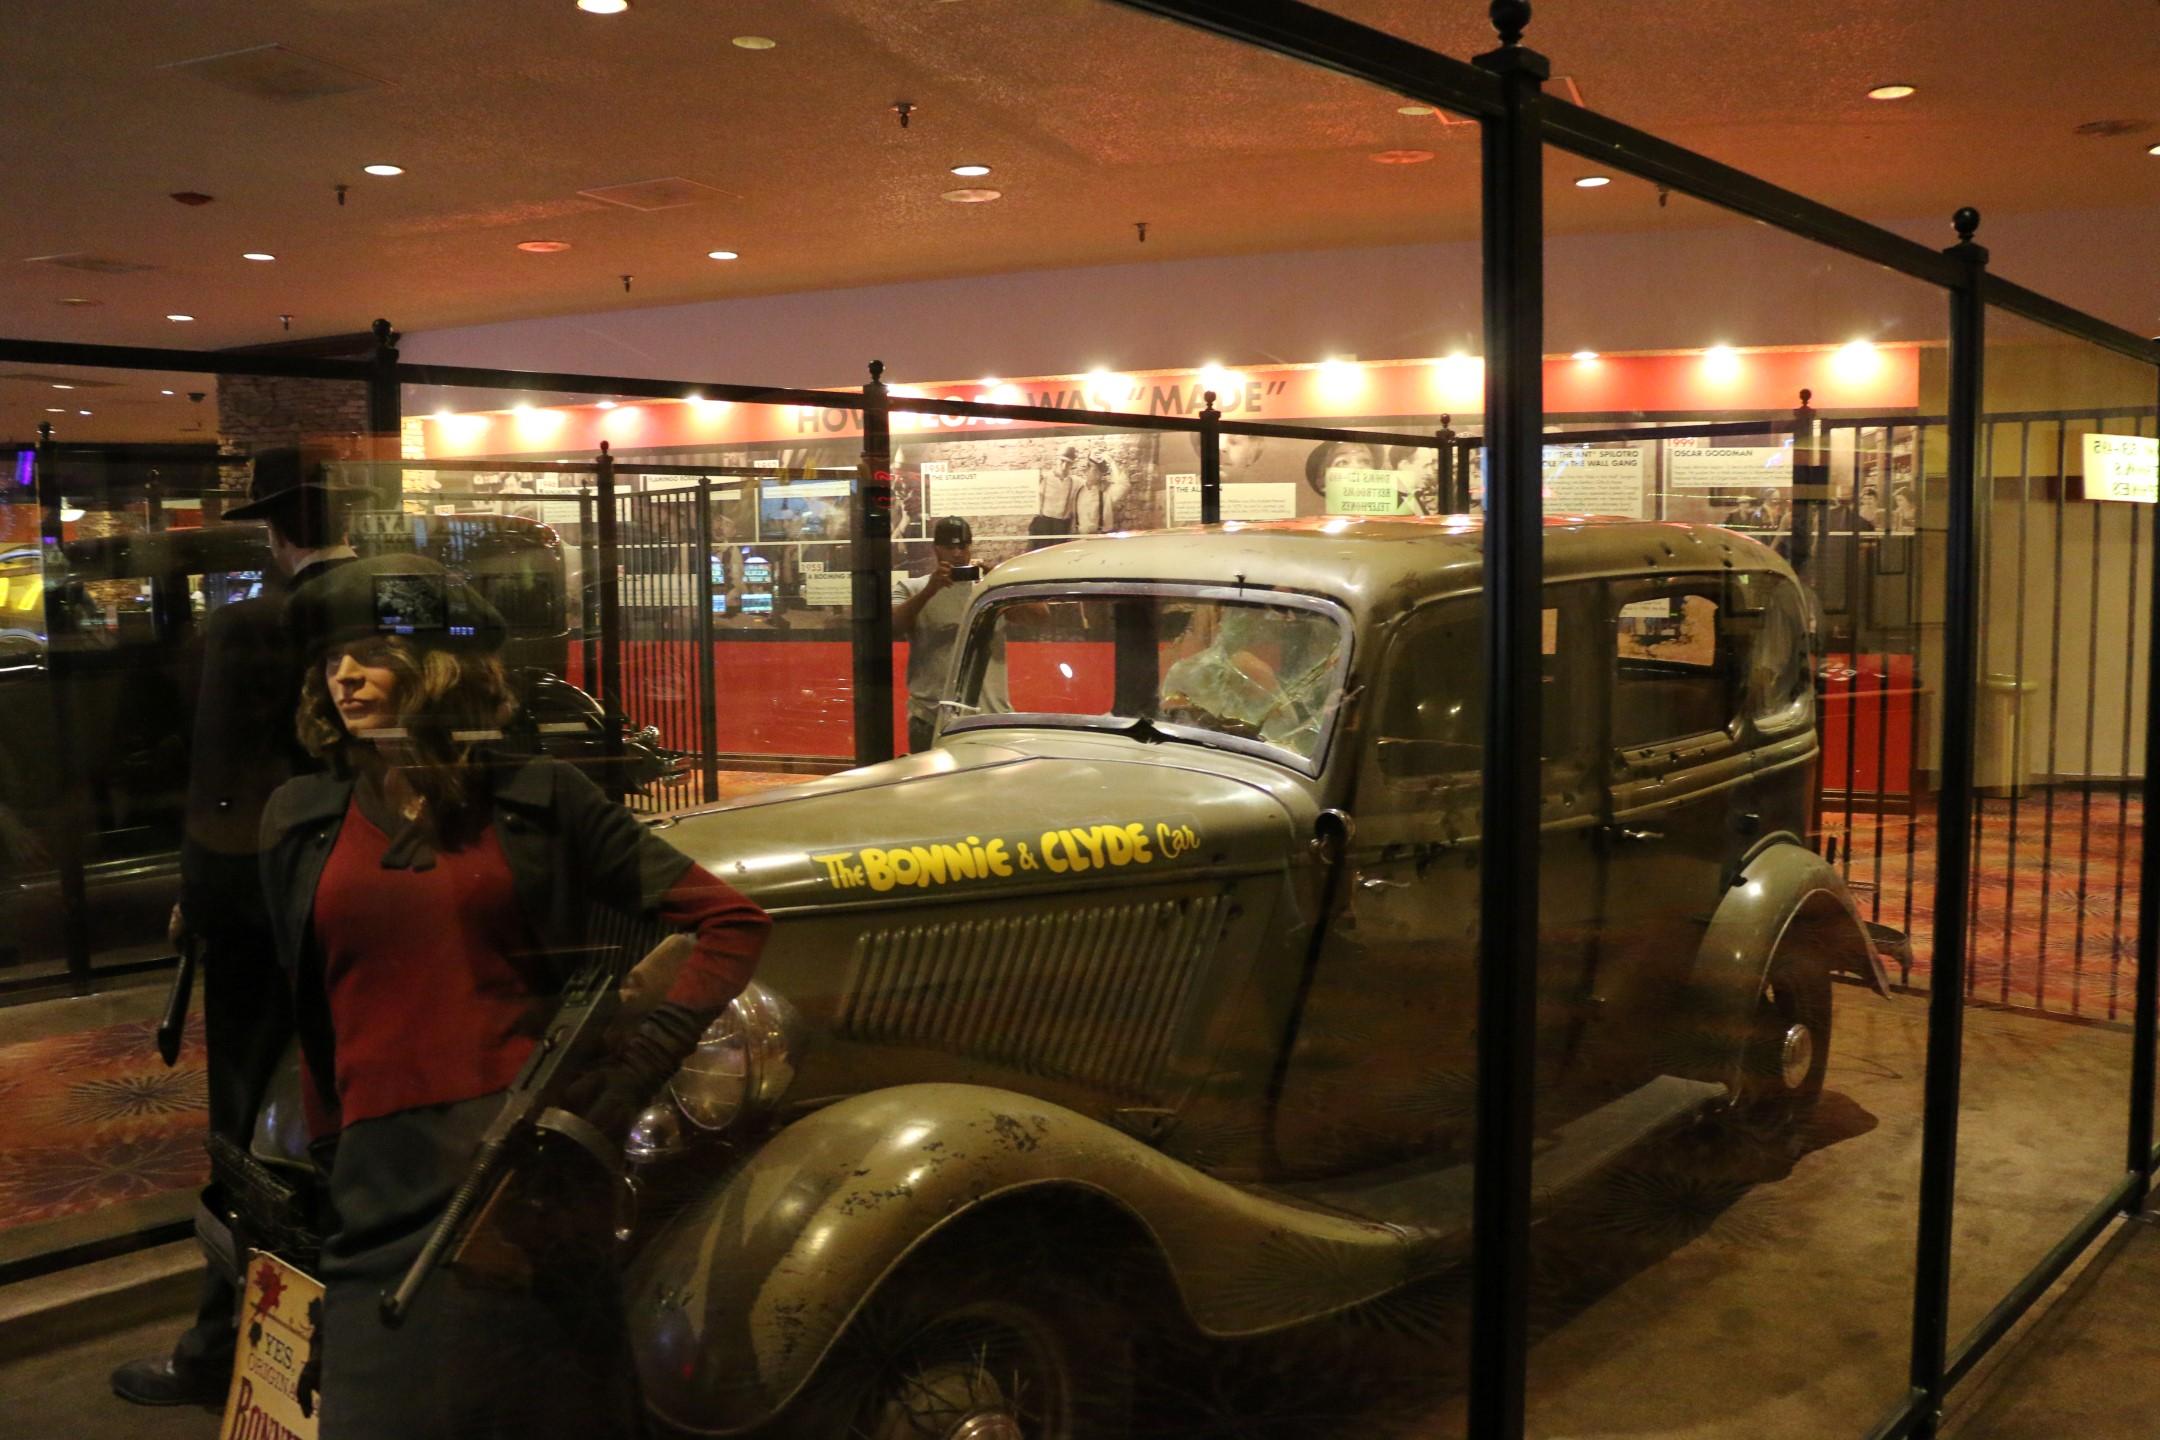 The Bonnie & Clyde car